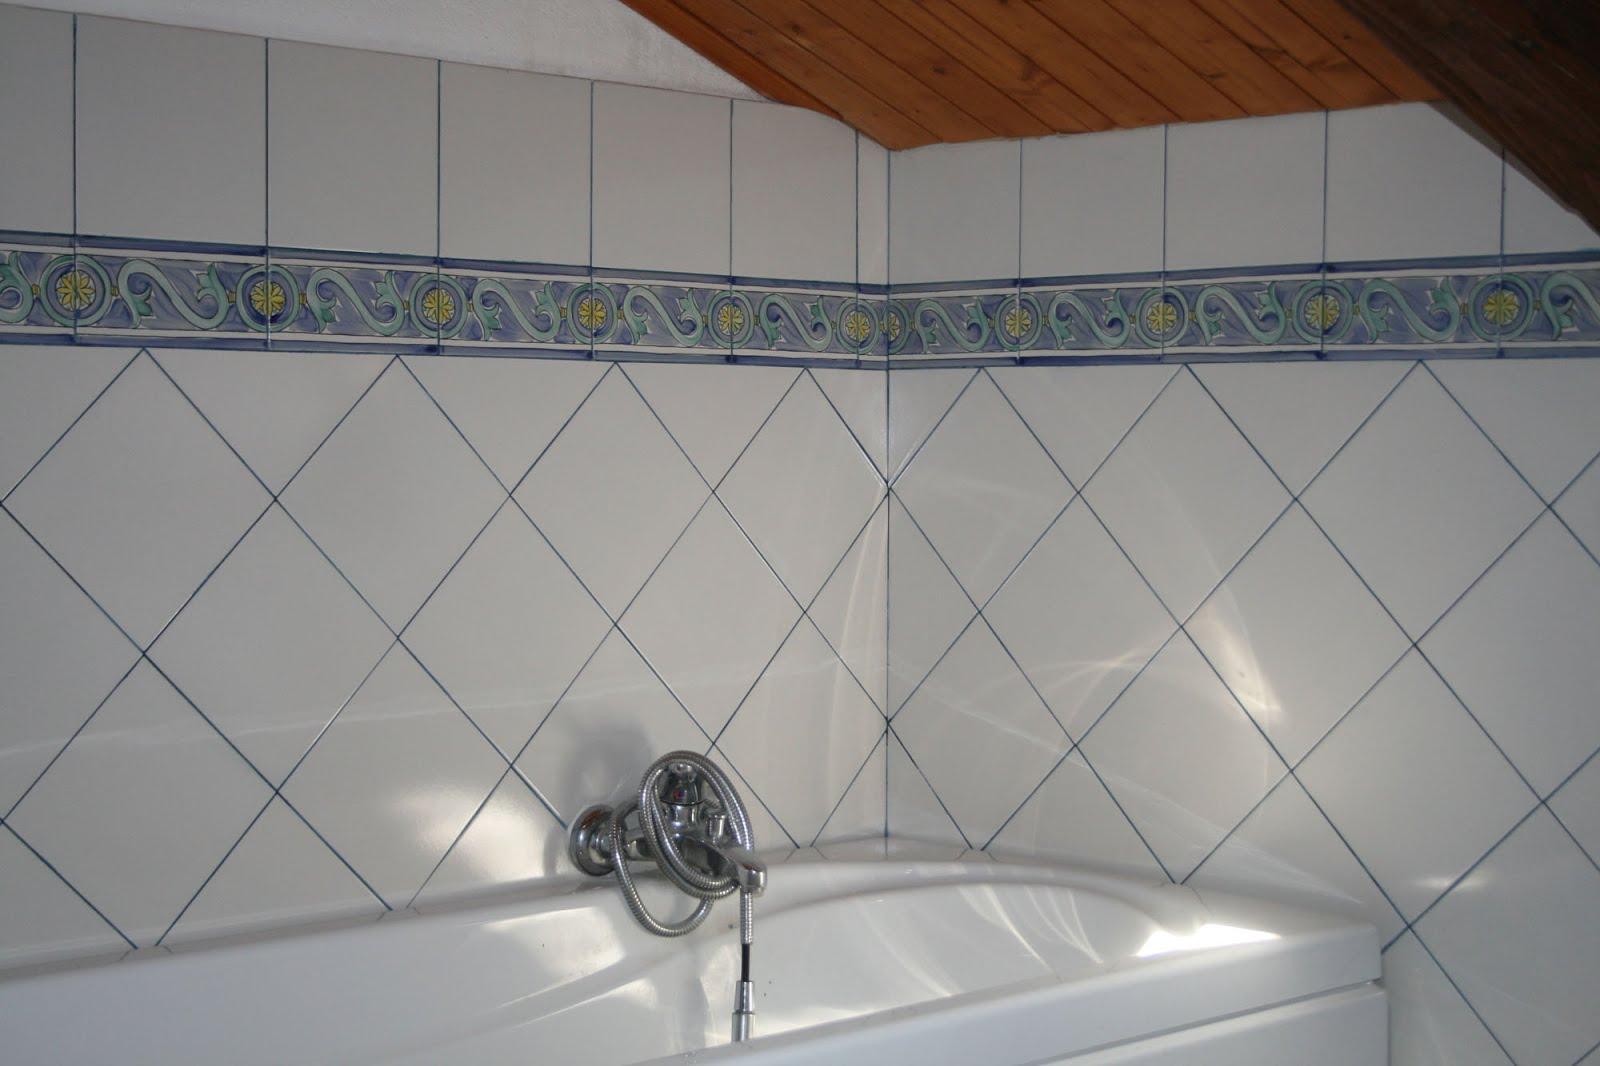 Creo, decoro e rinnovo: rinnovare il bagno